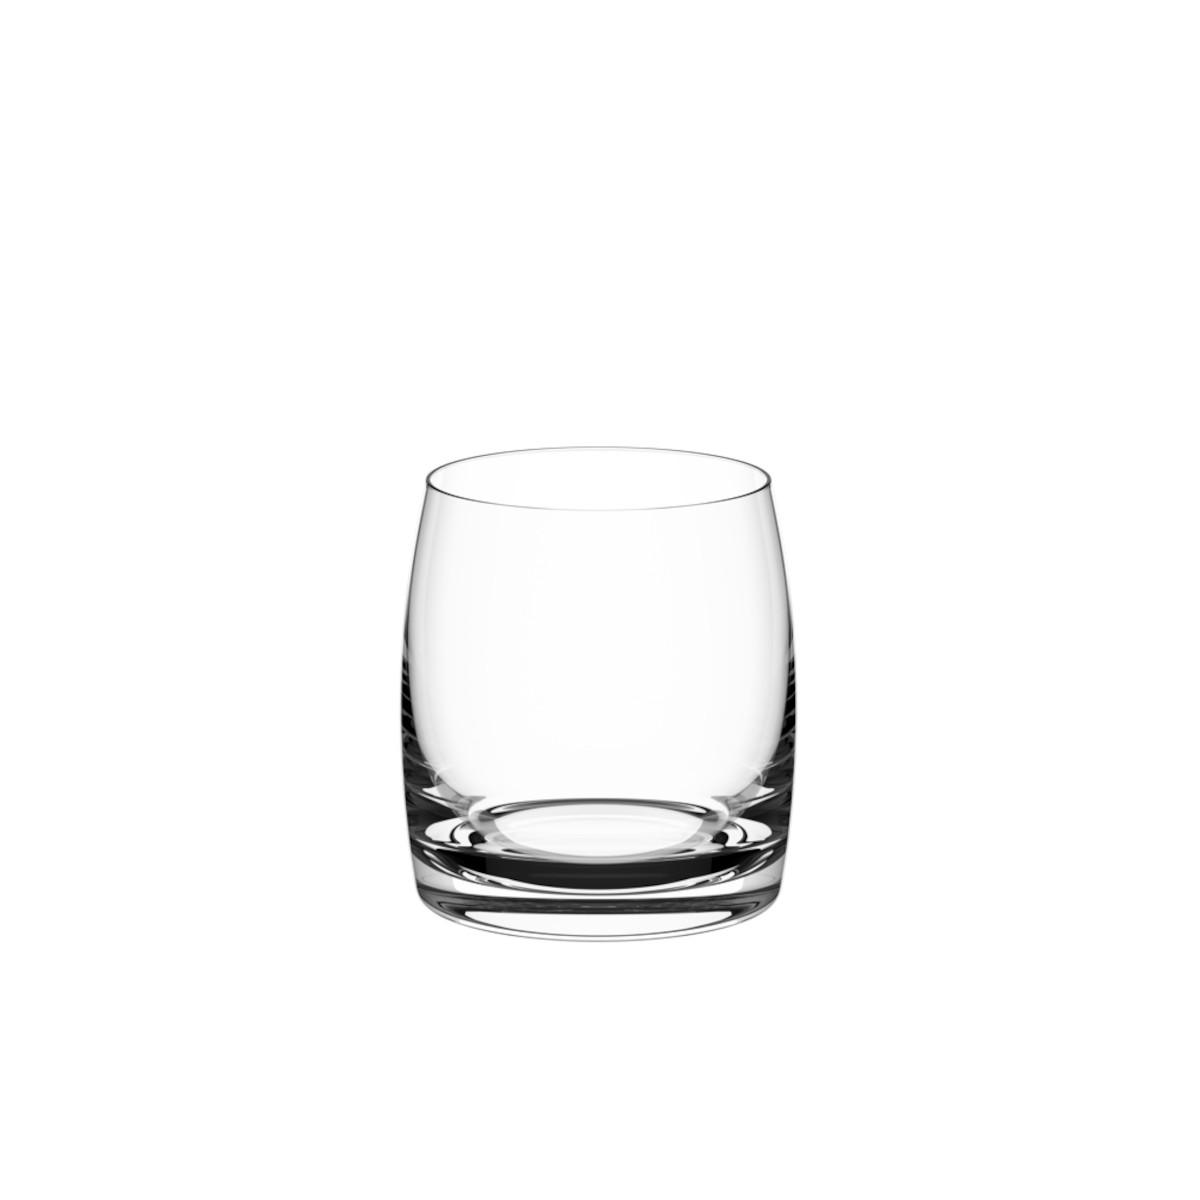 Copo para Whisky  em Cristal Ecológico com Titânio Light 290ml 6 unidades Haus Concept  UN